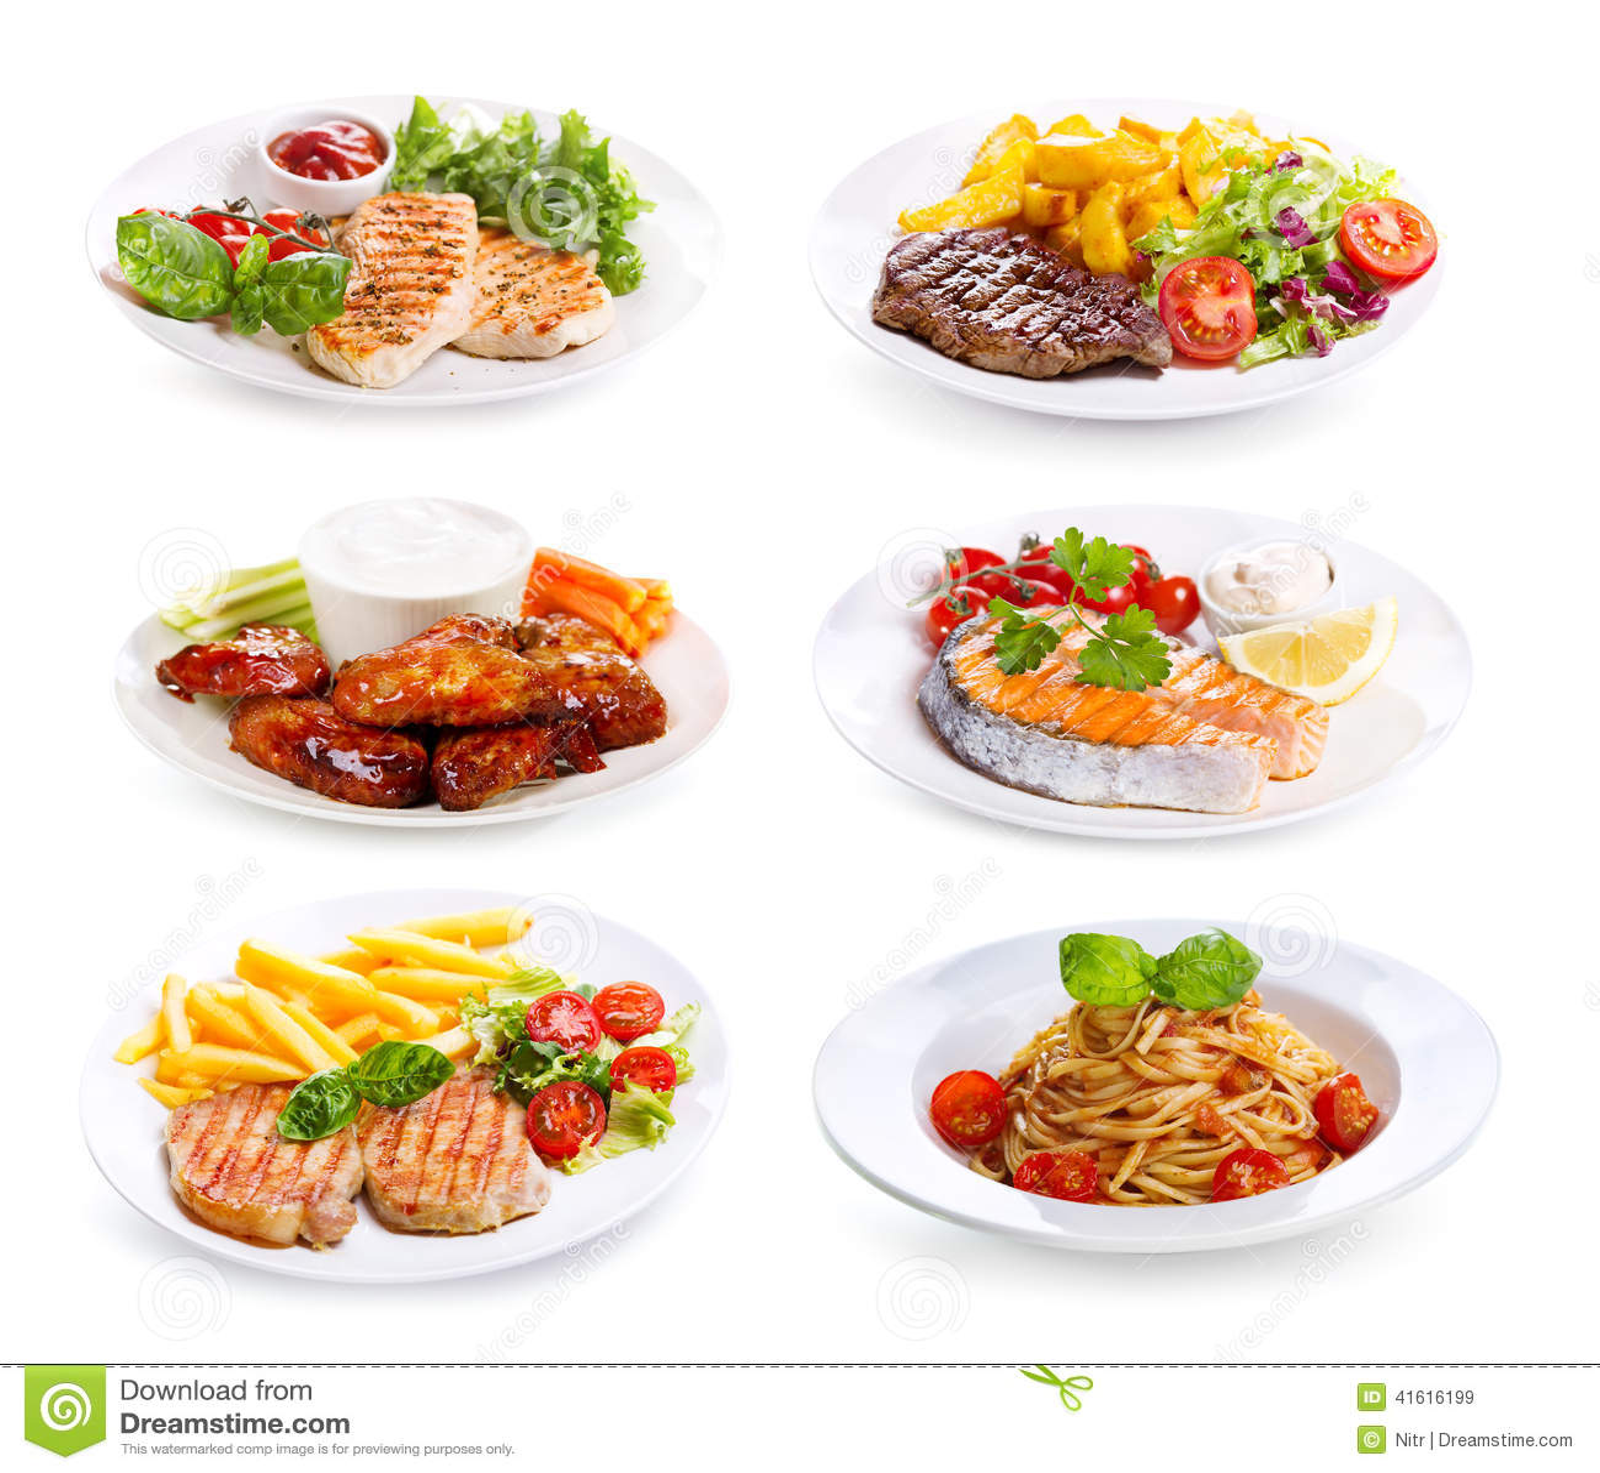 Plats de divers viande, poissons et poulet